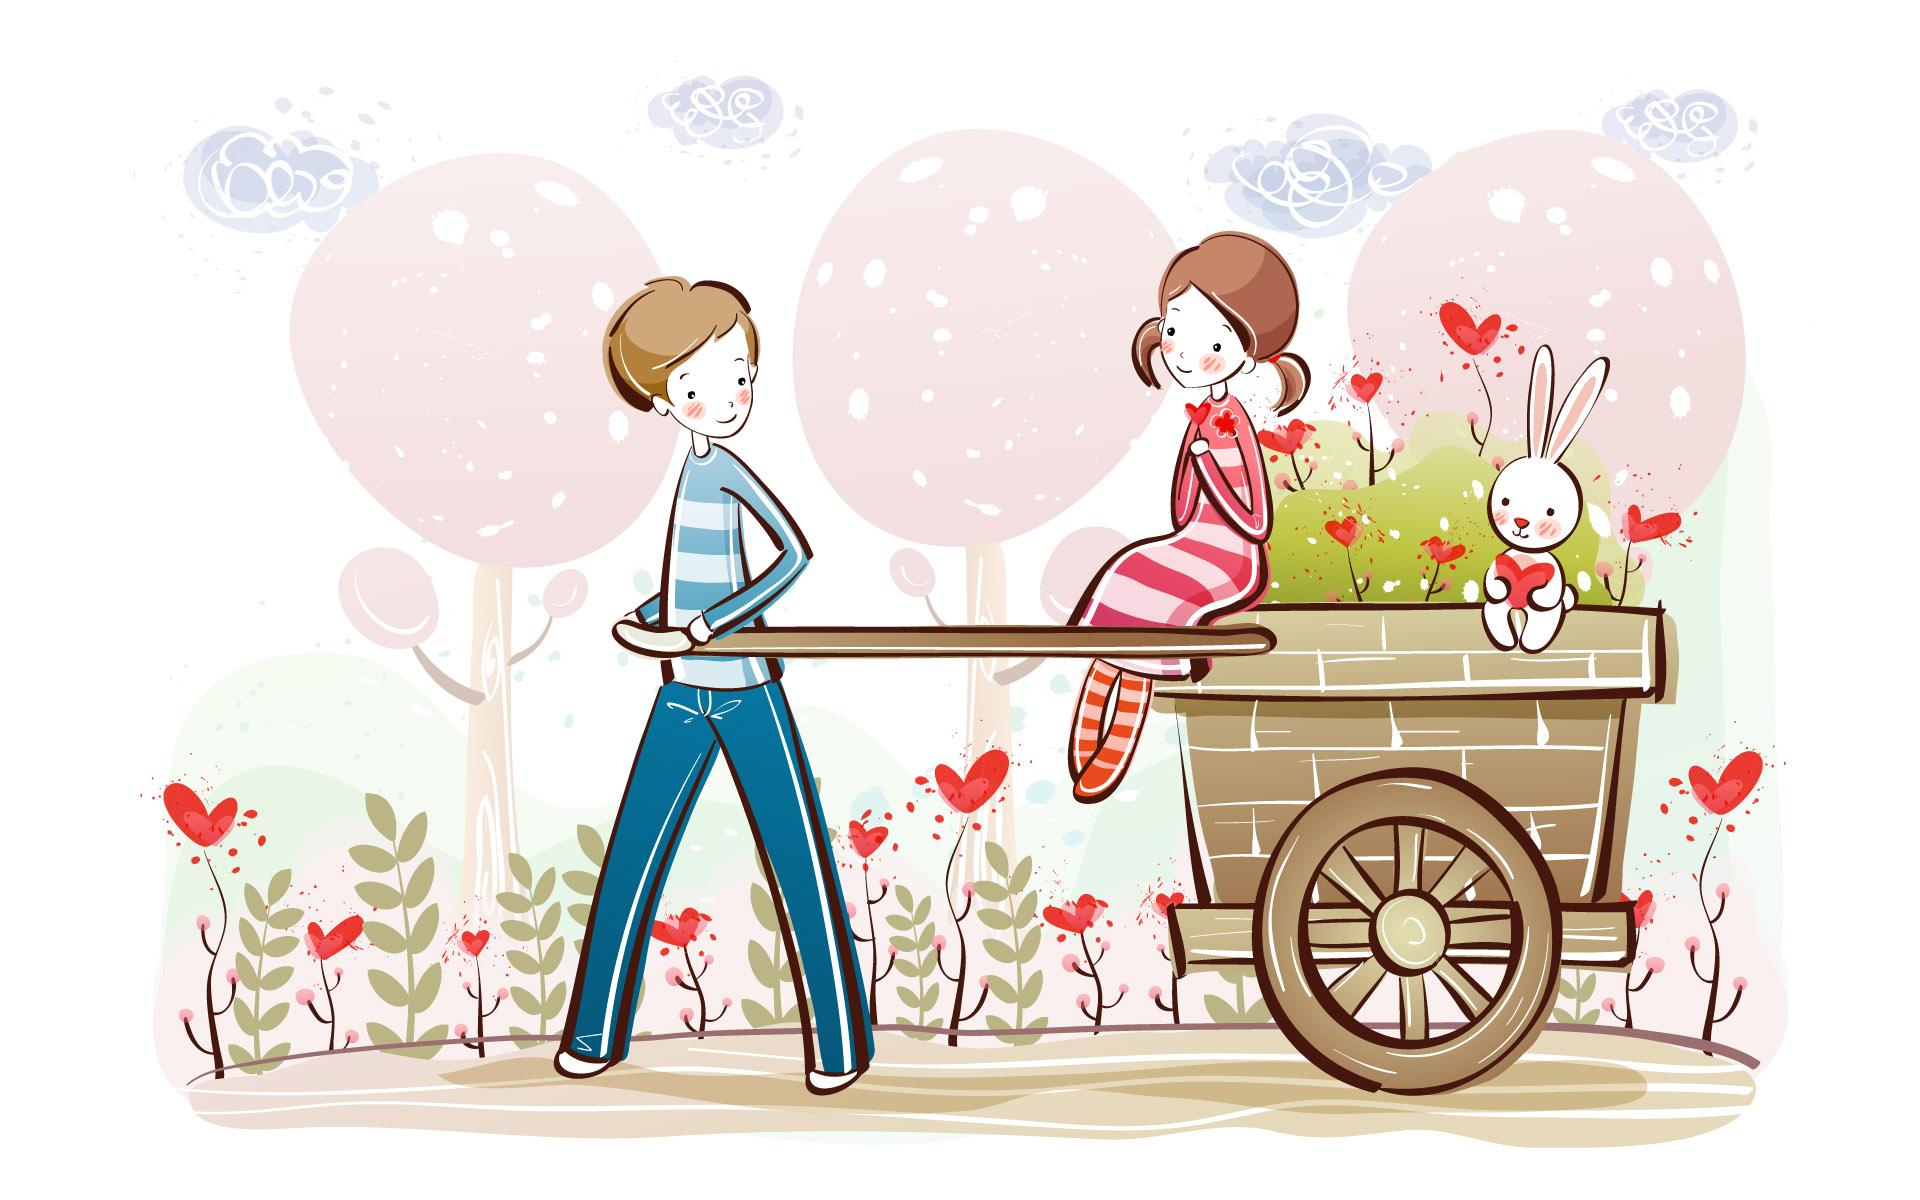 Imagenes super tiernas para enamorar y regalar a mi novia